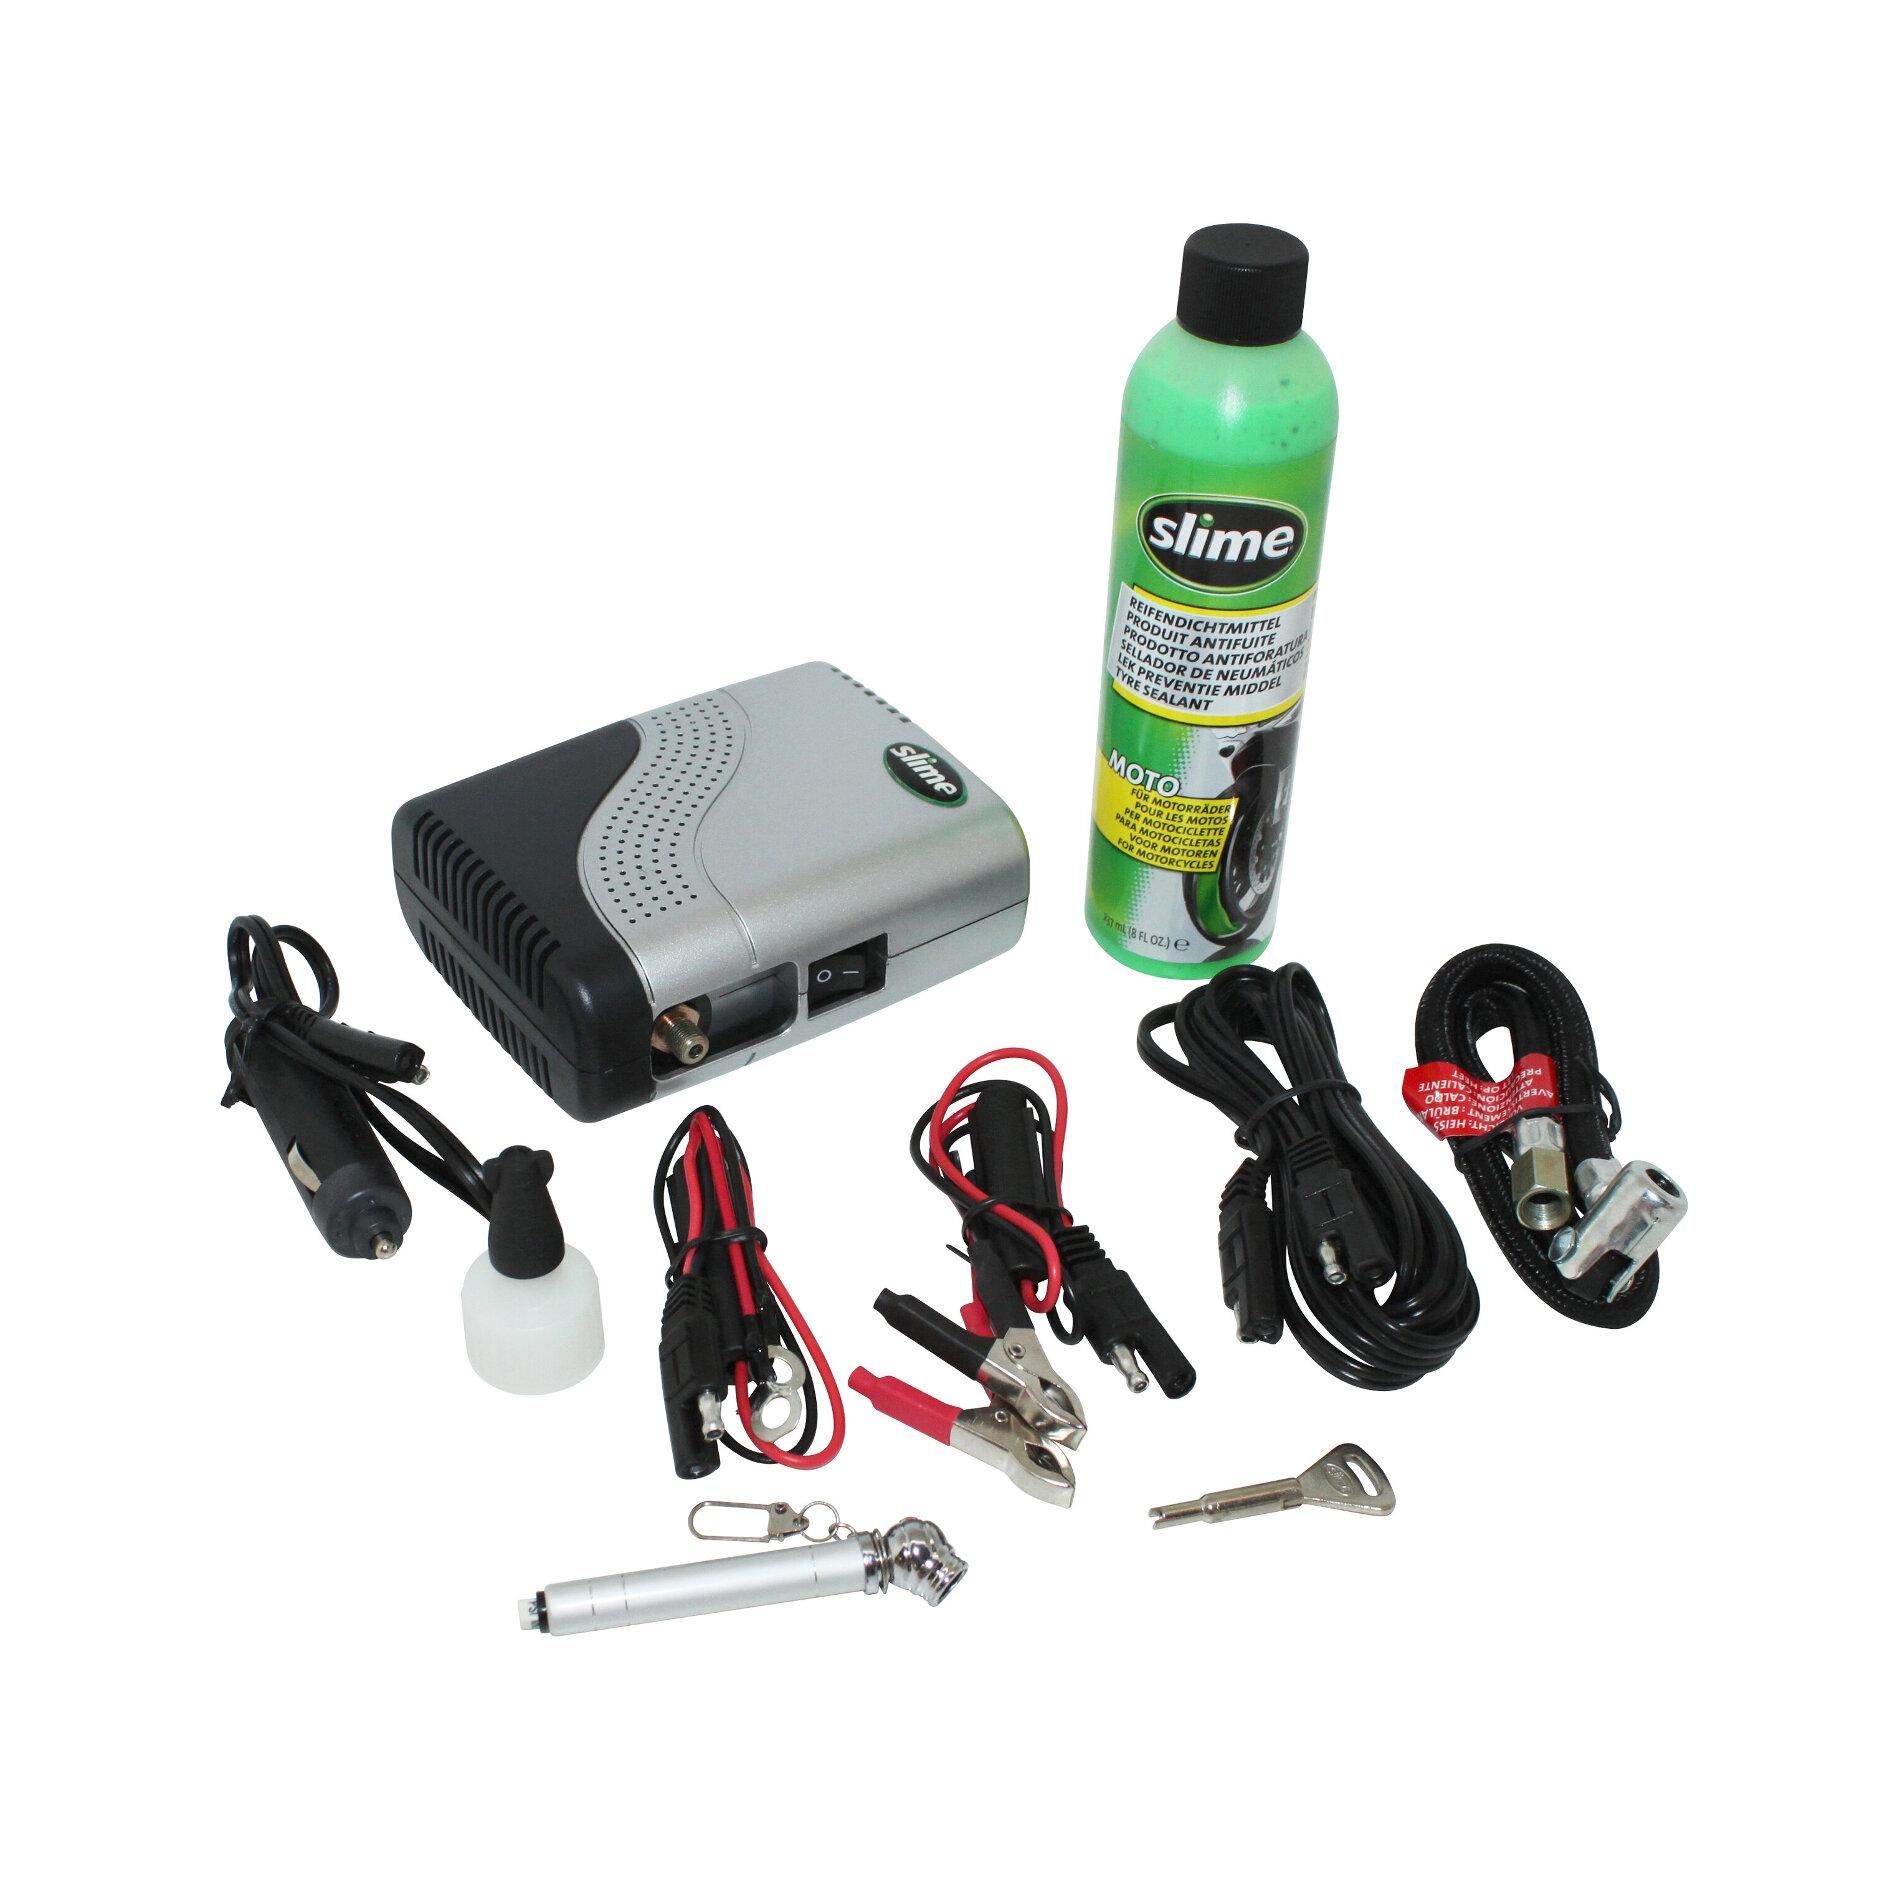 Liquide anti-crevaison Slime Scooter/moto kit avec compresseur 21 bars